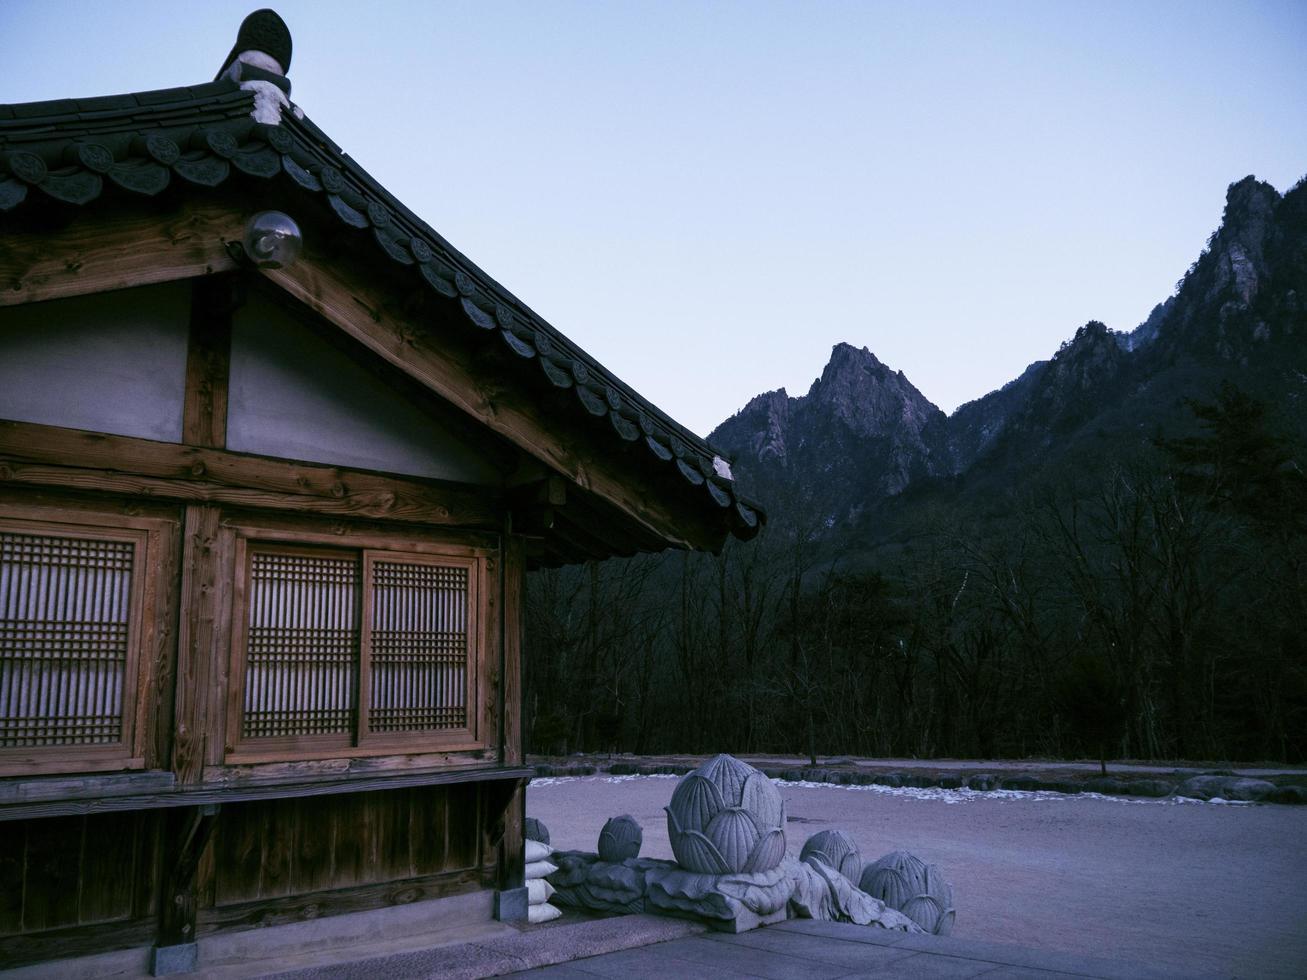 casas asiáticas en el templo de sinheungsa. parque nacional de seoraksan. Corea del Sur foto